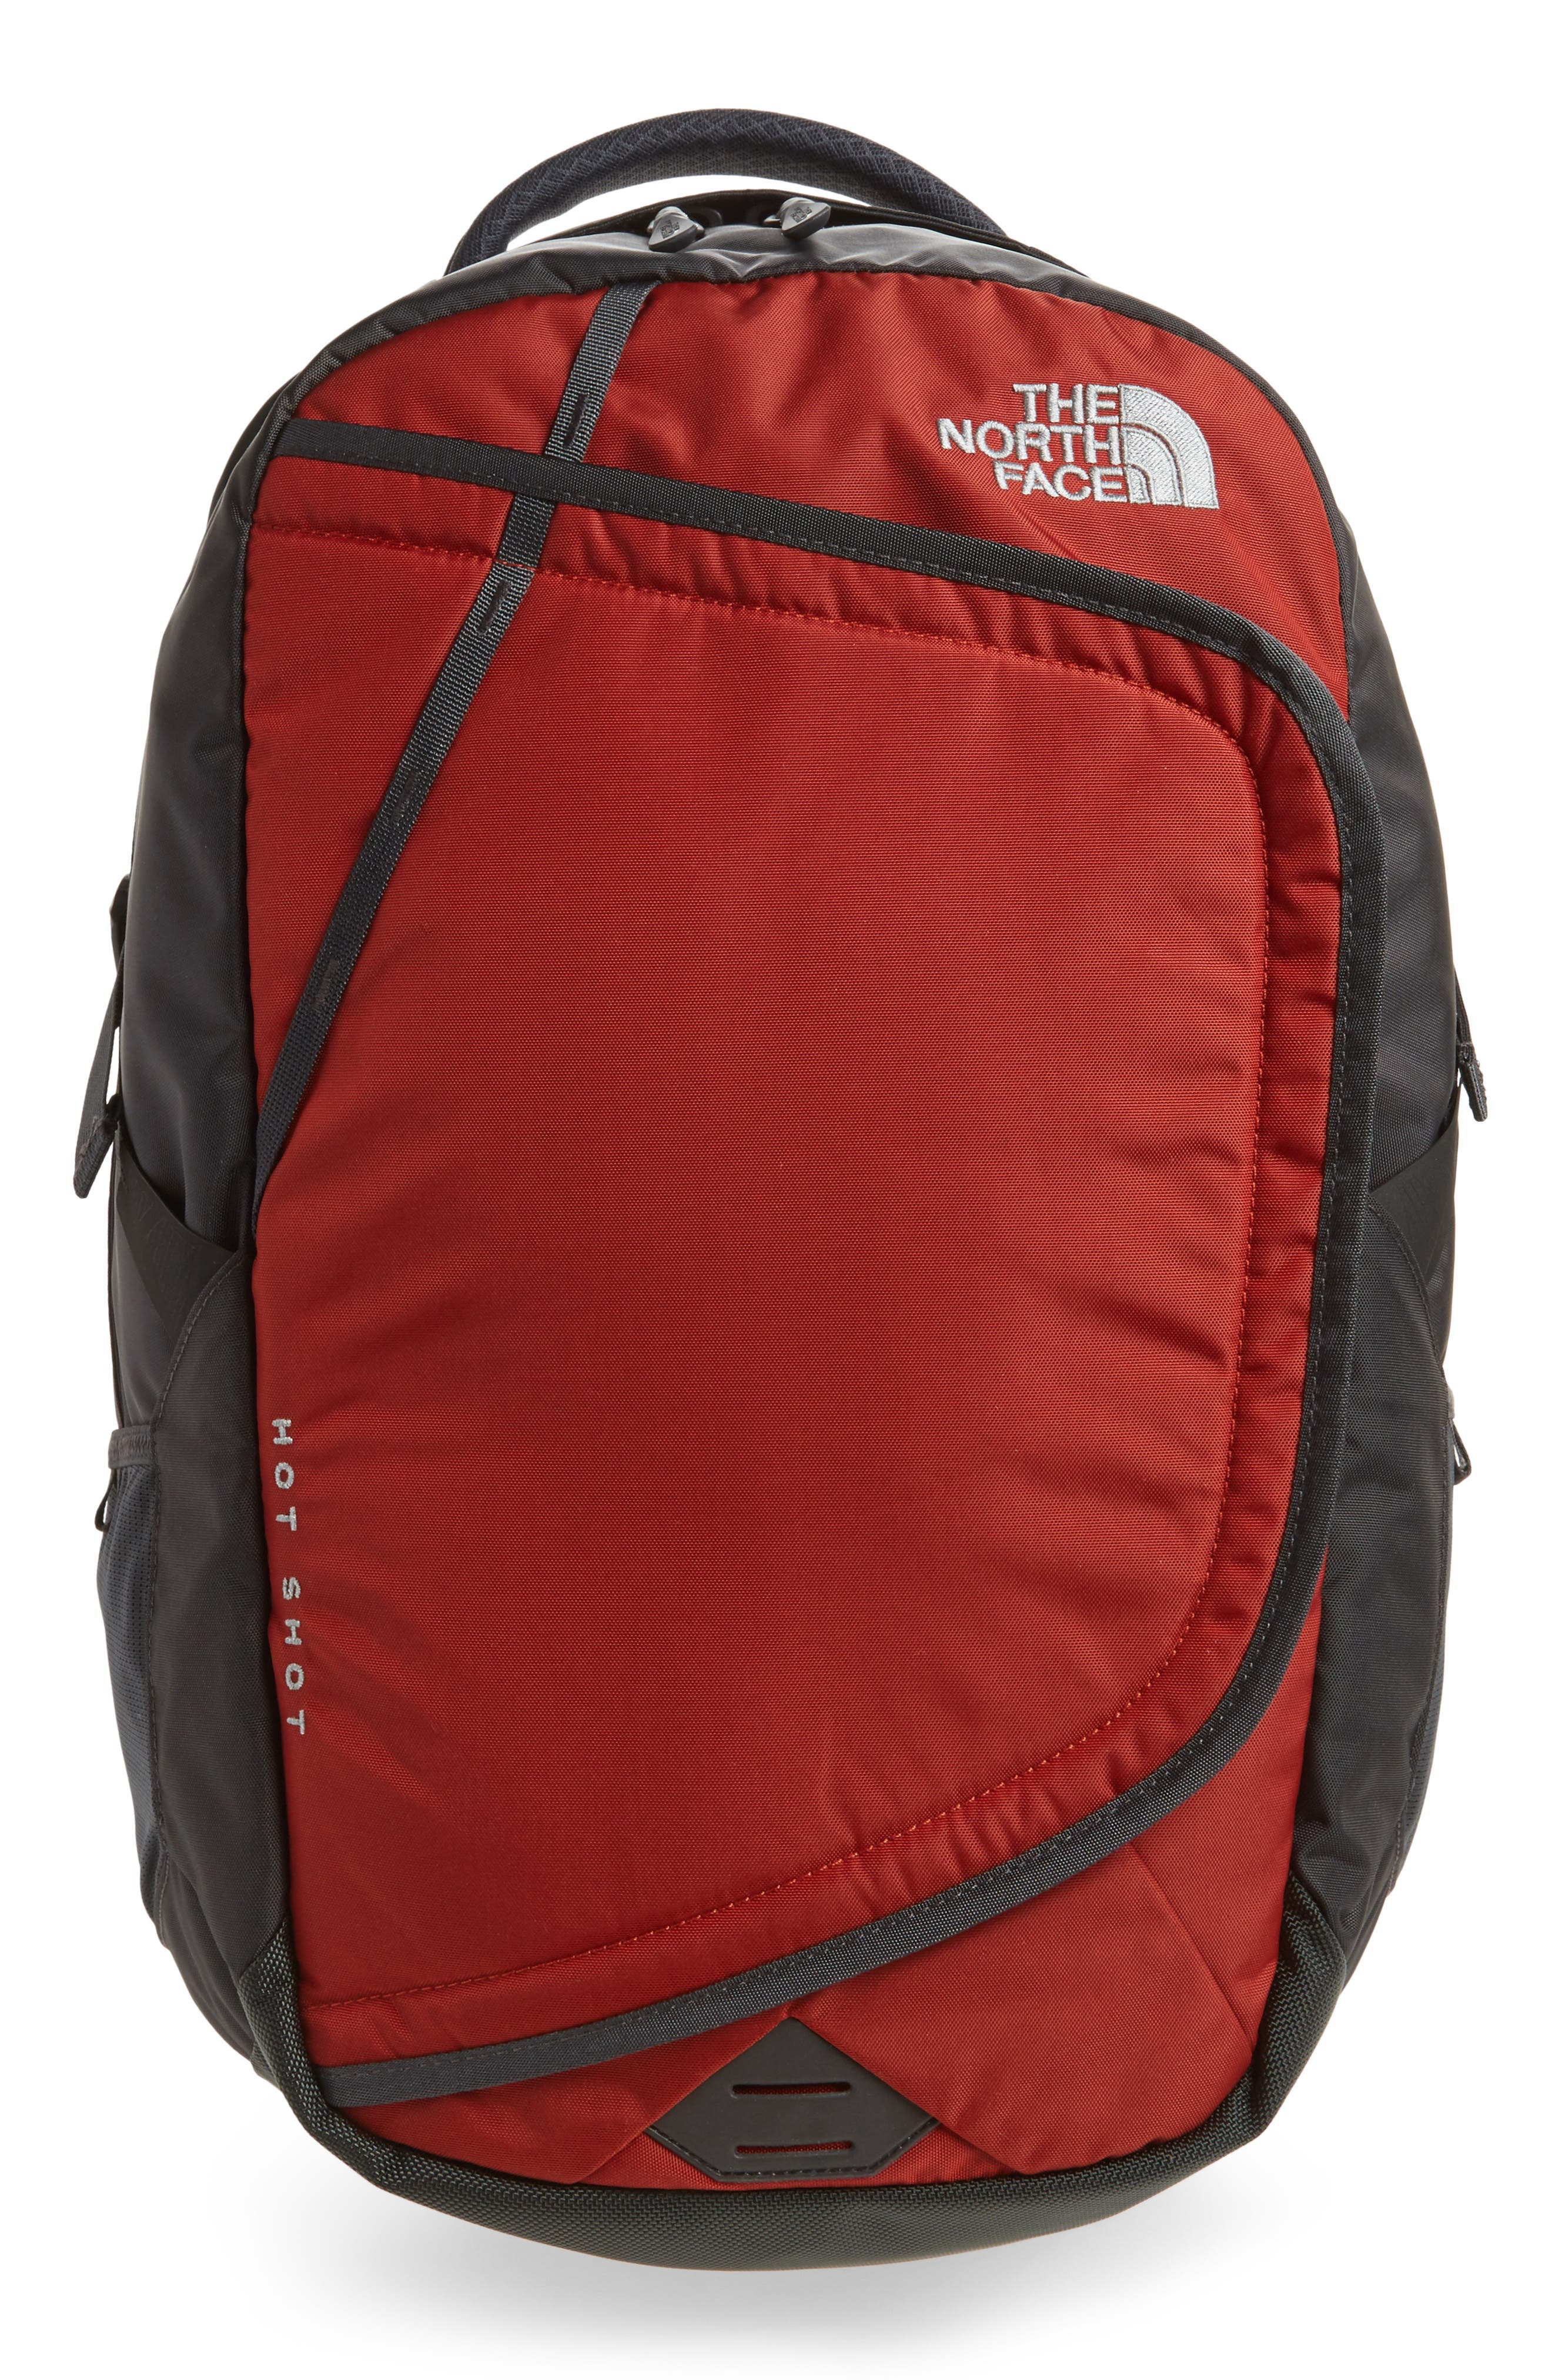 Hot Shot Backpack,                             Main thumbnail 1, color,                             Ketchup Red/ Asphalt Grey